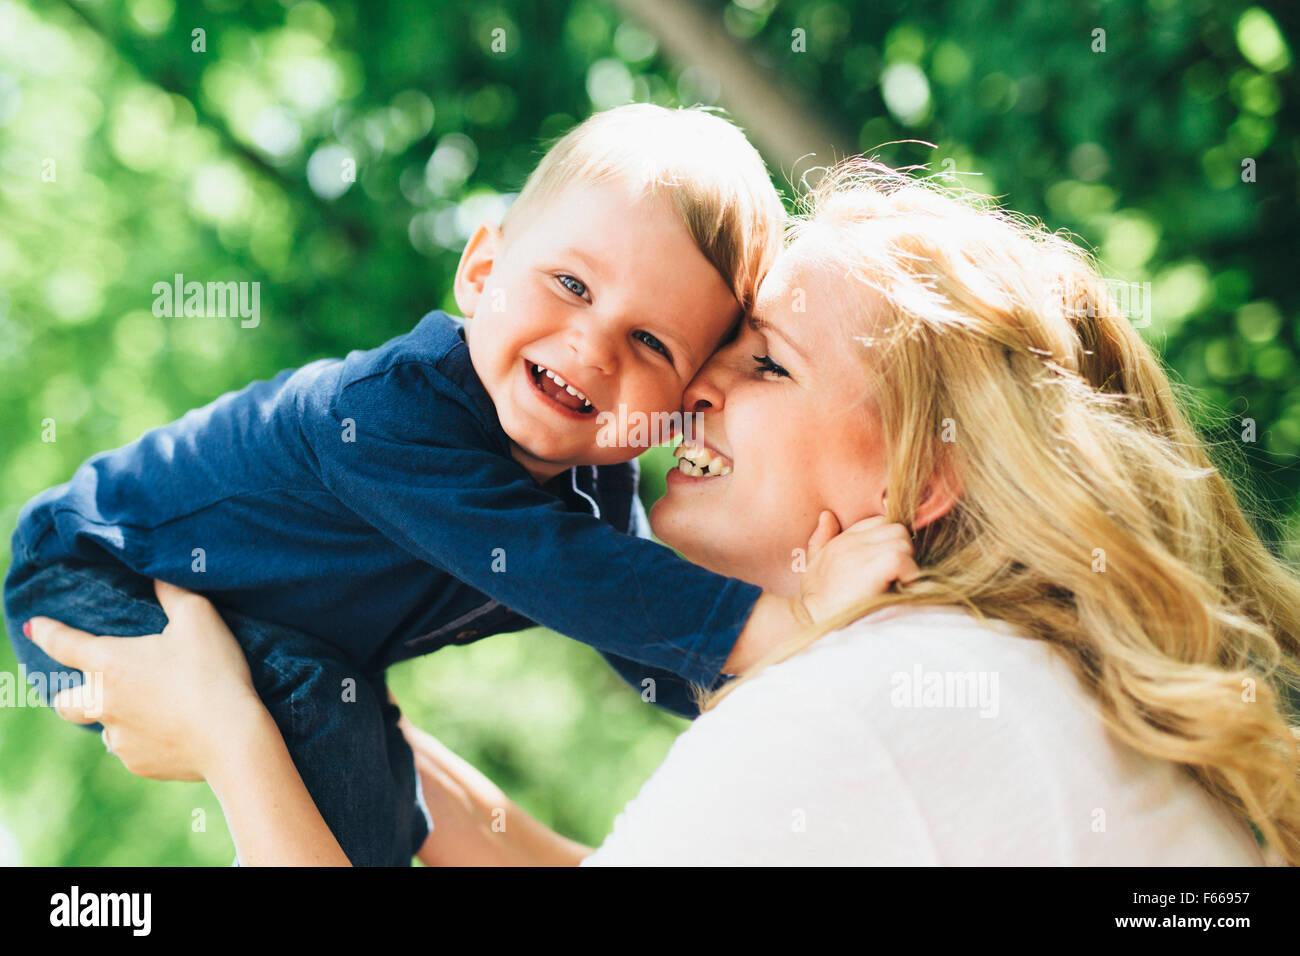 Mãe sorrir rir e brincar com seu filho ao ar livre em um bom dia de verão Imagens de Stock